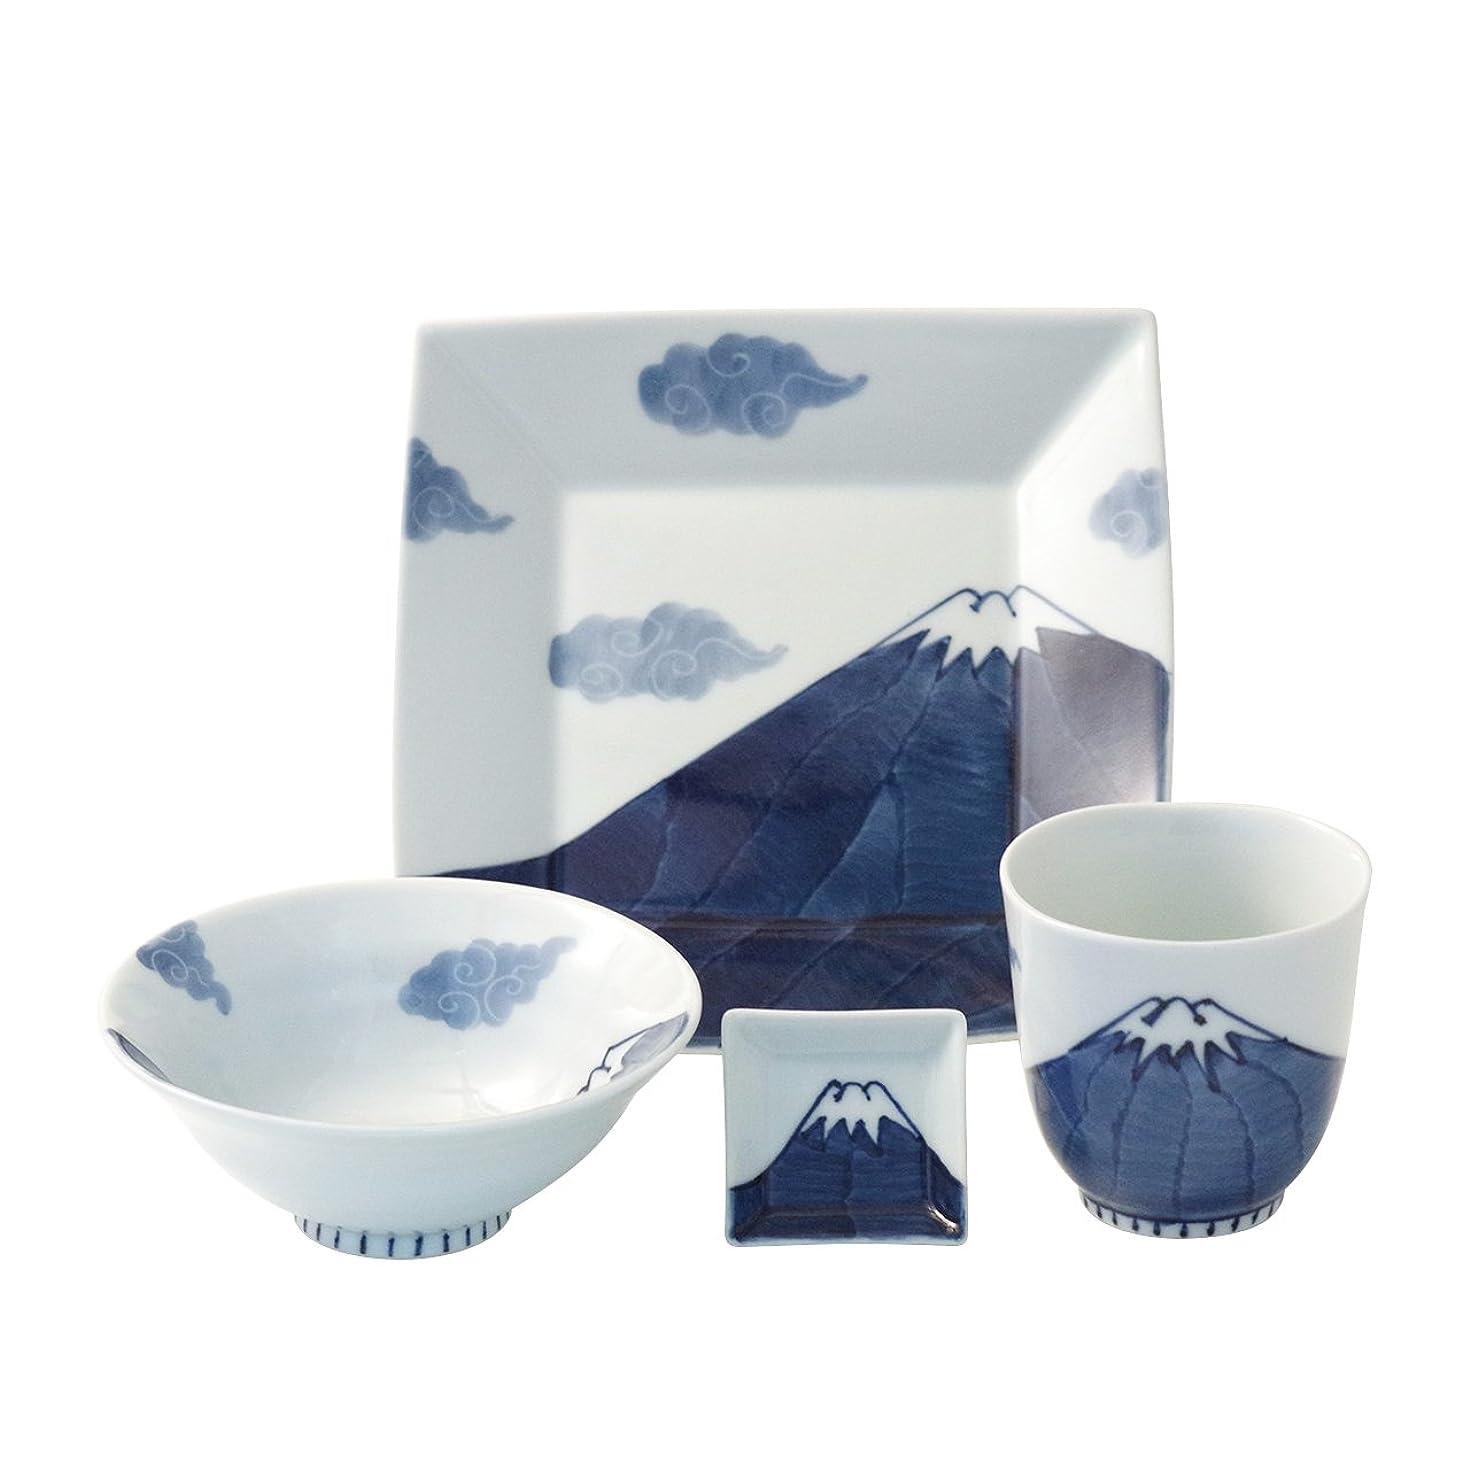 例示する請求可能特異な夫婦茶碗?夫婦湯のみ ギフトセット 花ちらし 美濃焼 3y483-17